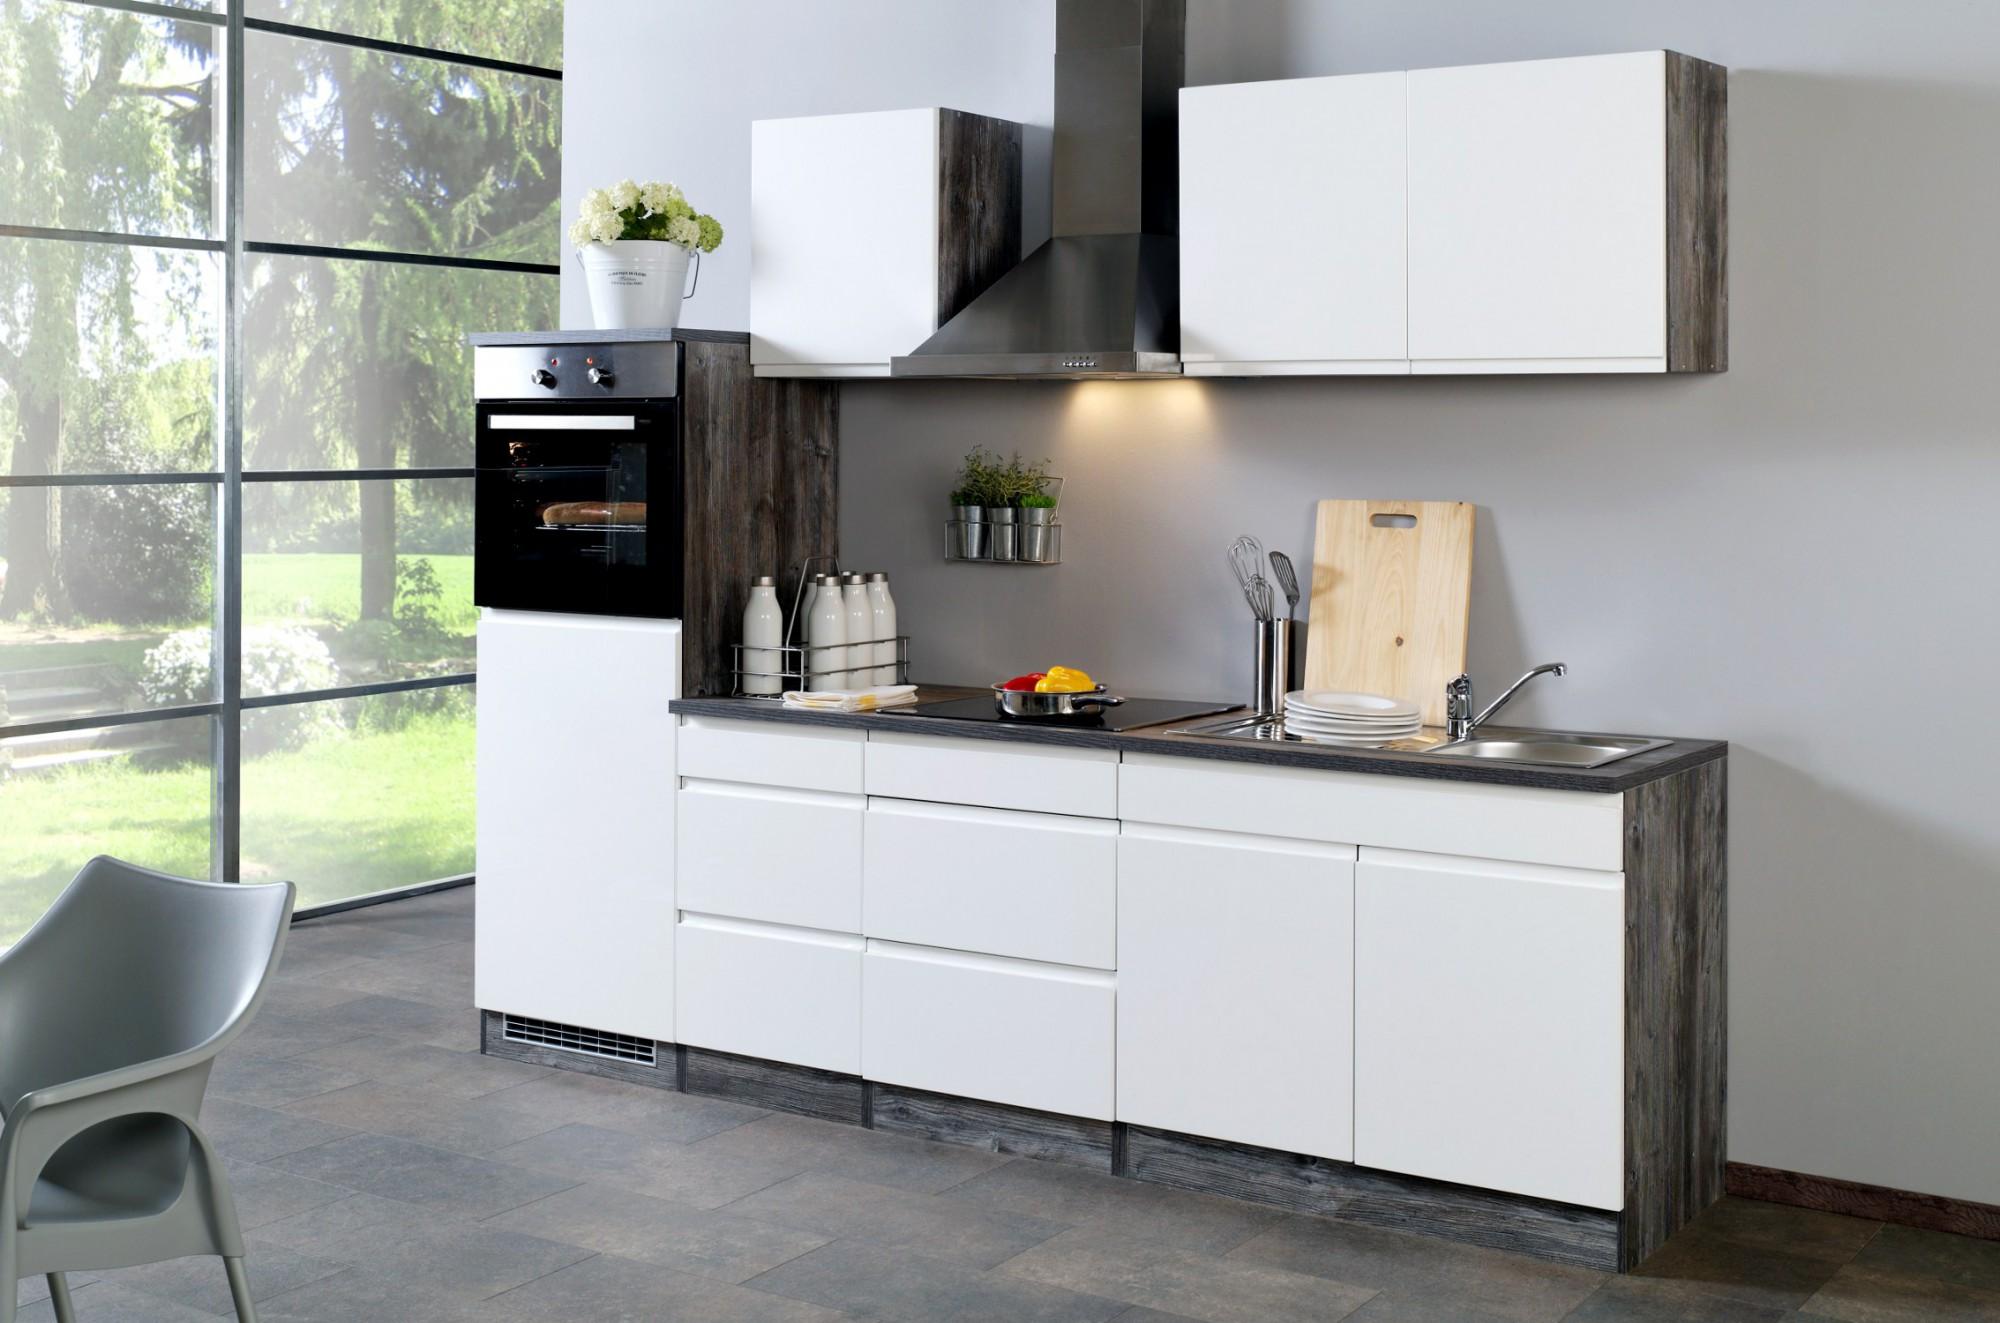 k chen unterschrank cardiff 2 t rig 100 cm breit hochglanz wei k che cardiff. Black Bedroom Furniture Sets. Home Design Ideas